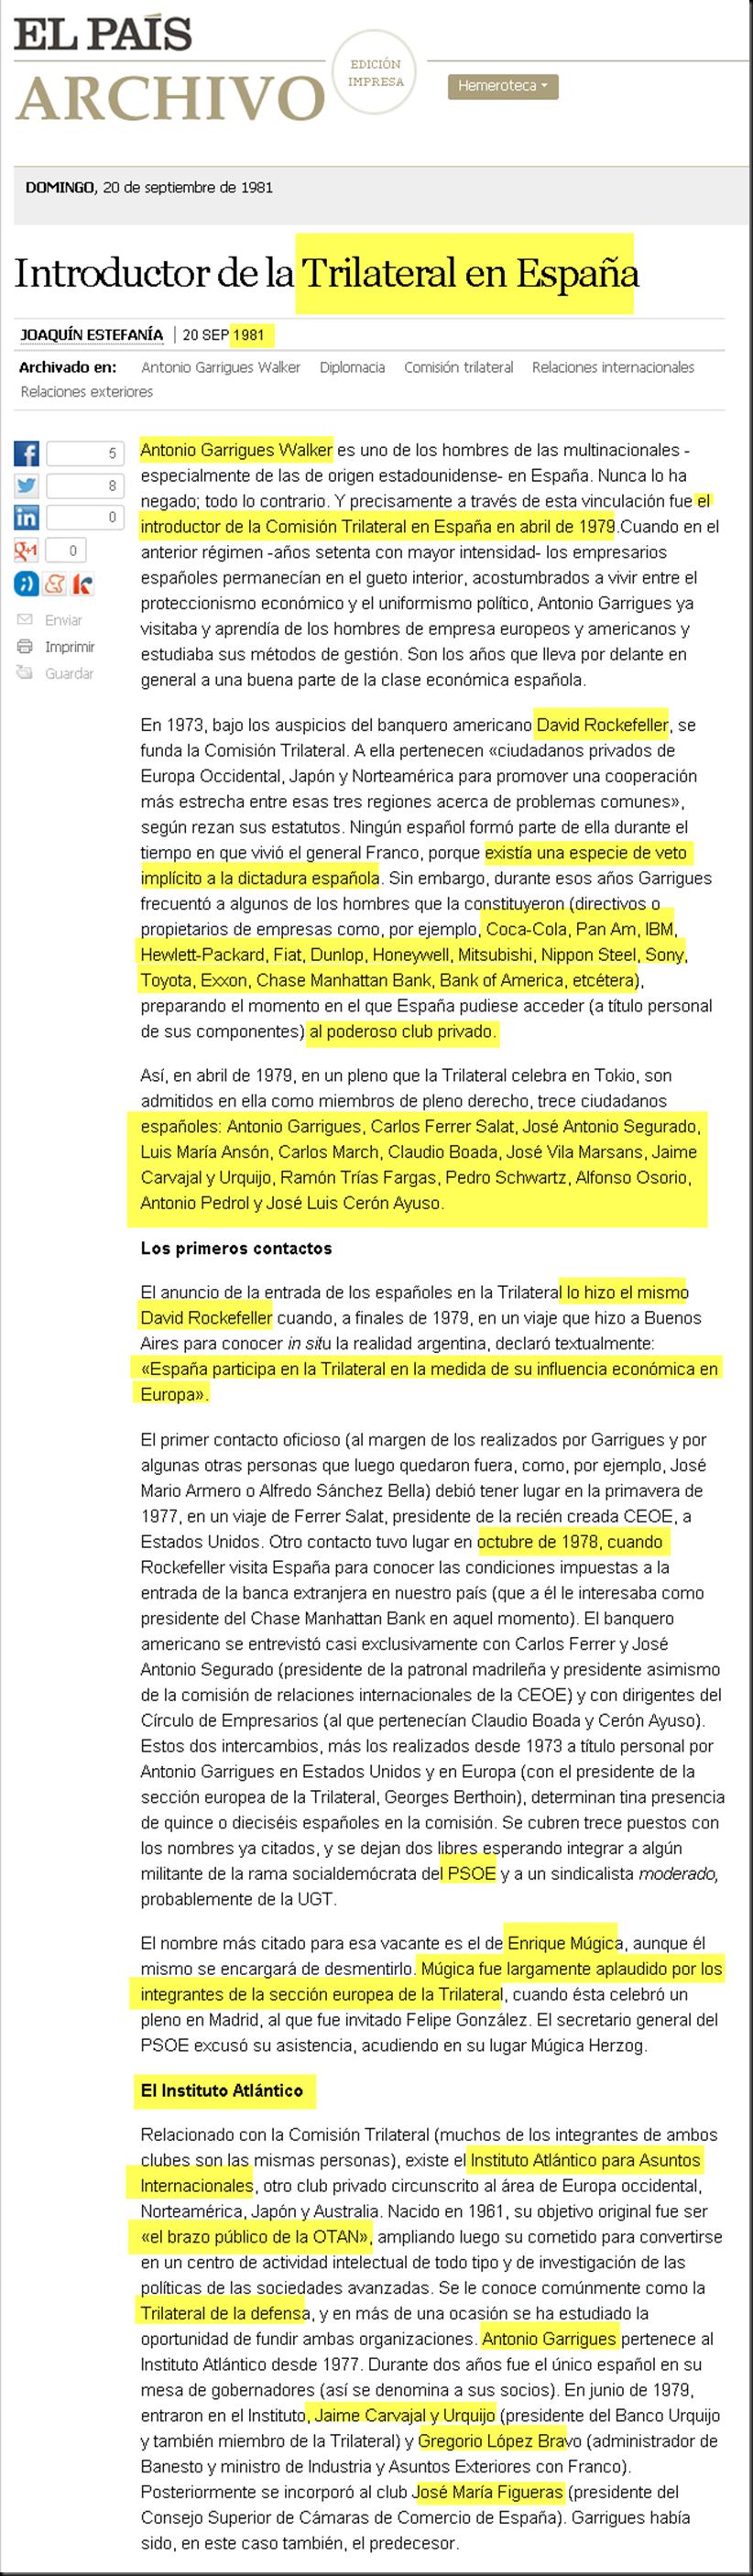 """""""Introducción de la Trilateral en España, (El País, 20/09/1981) Image_thumb14"""